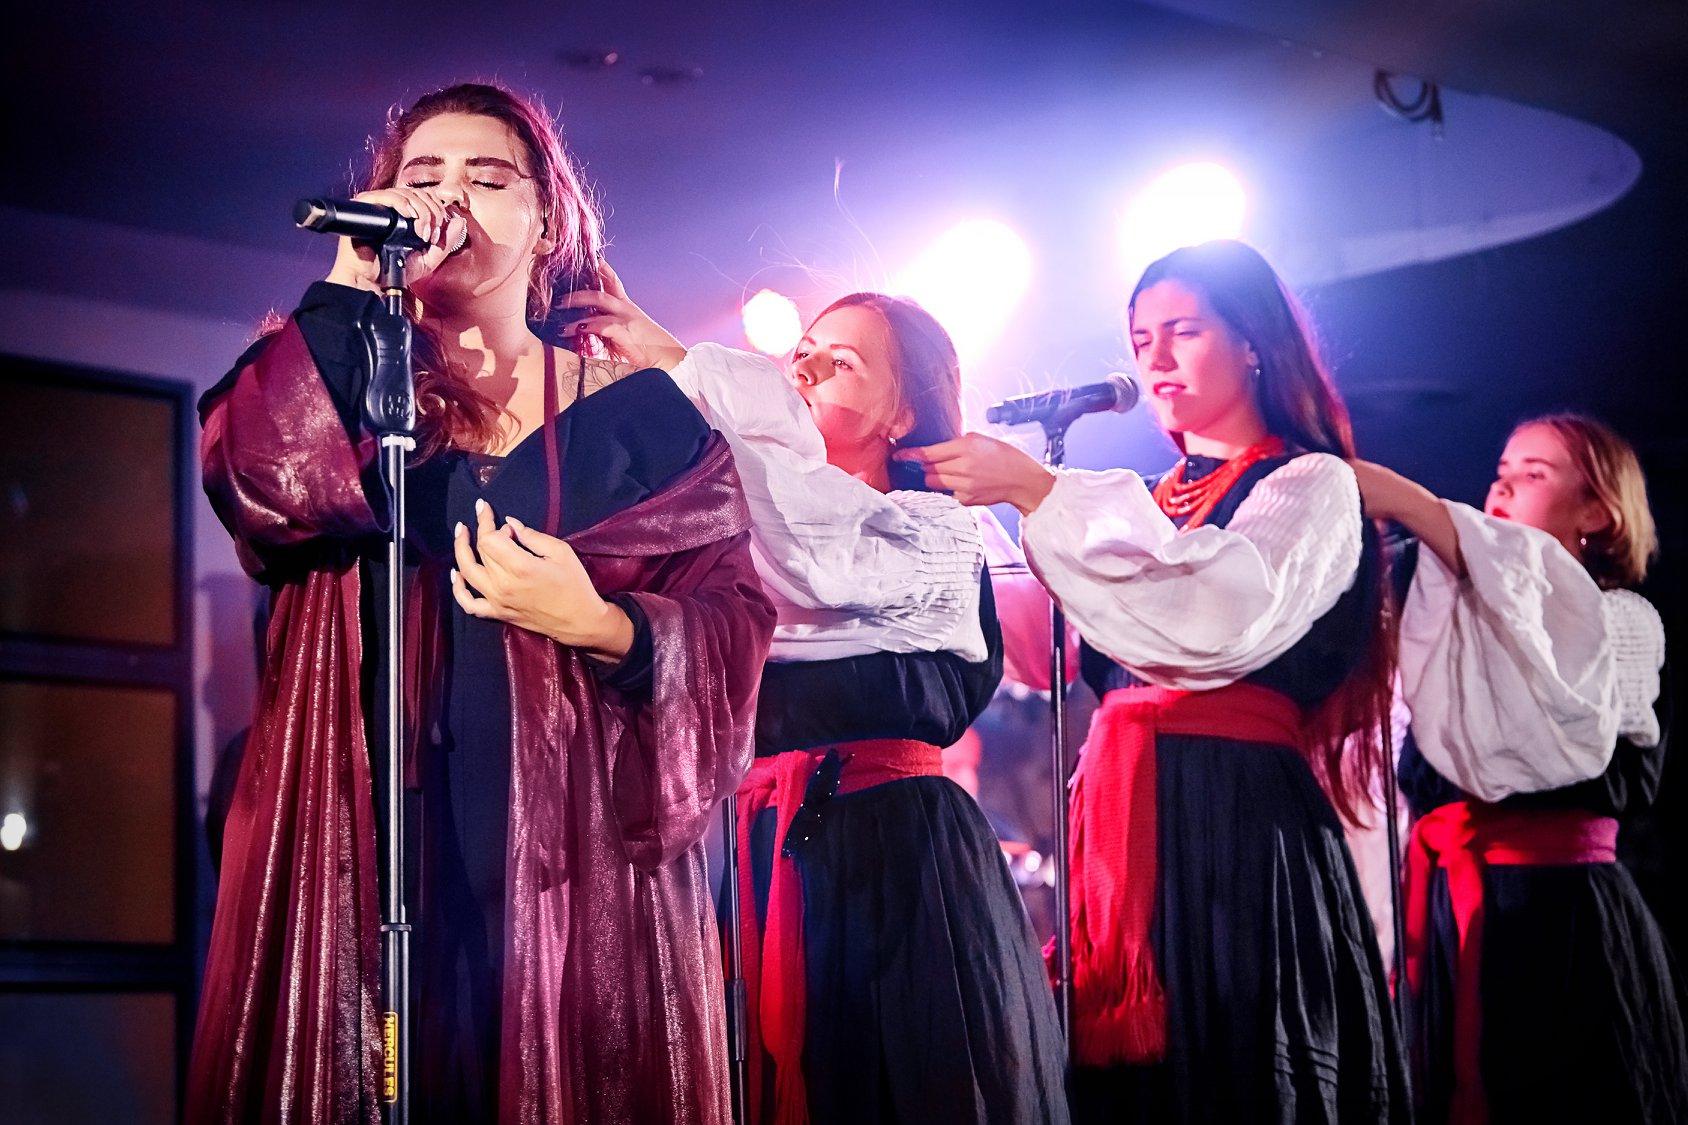 Песня группы Казка возглавила российский хит-парад МУЗ ТВ